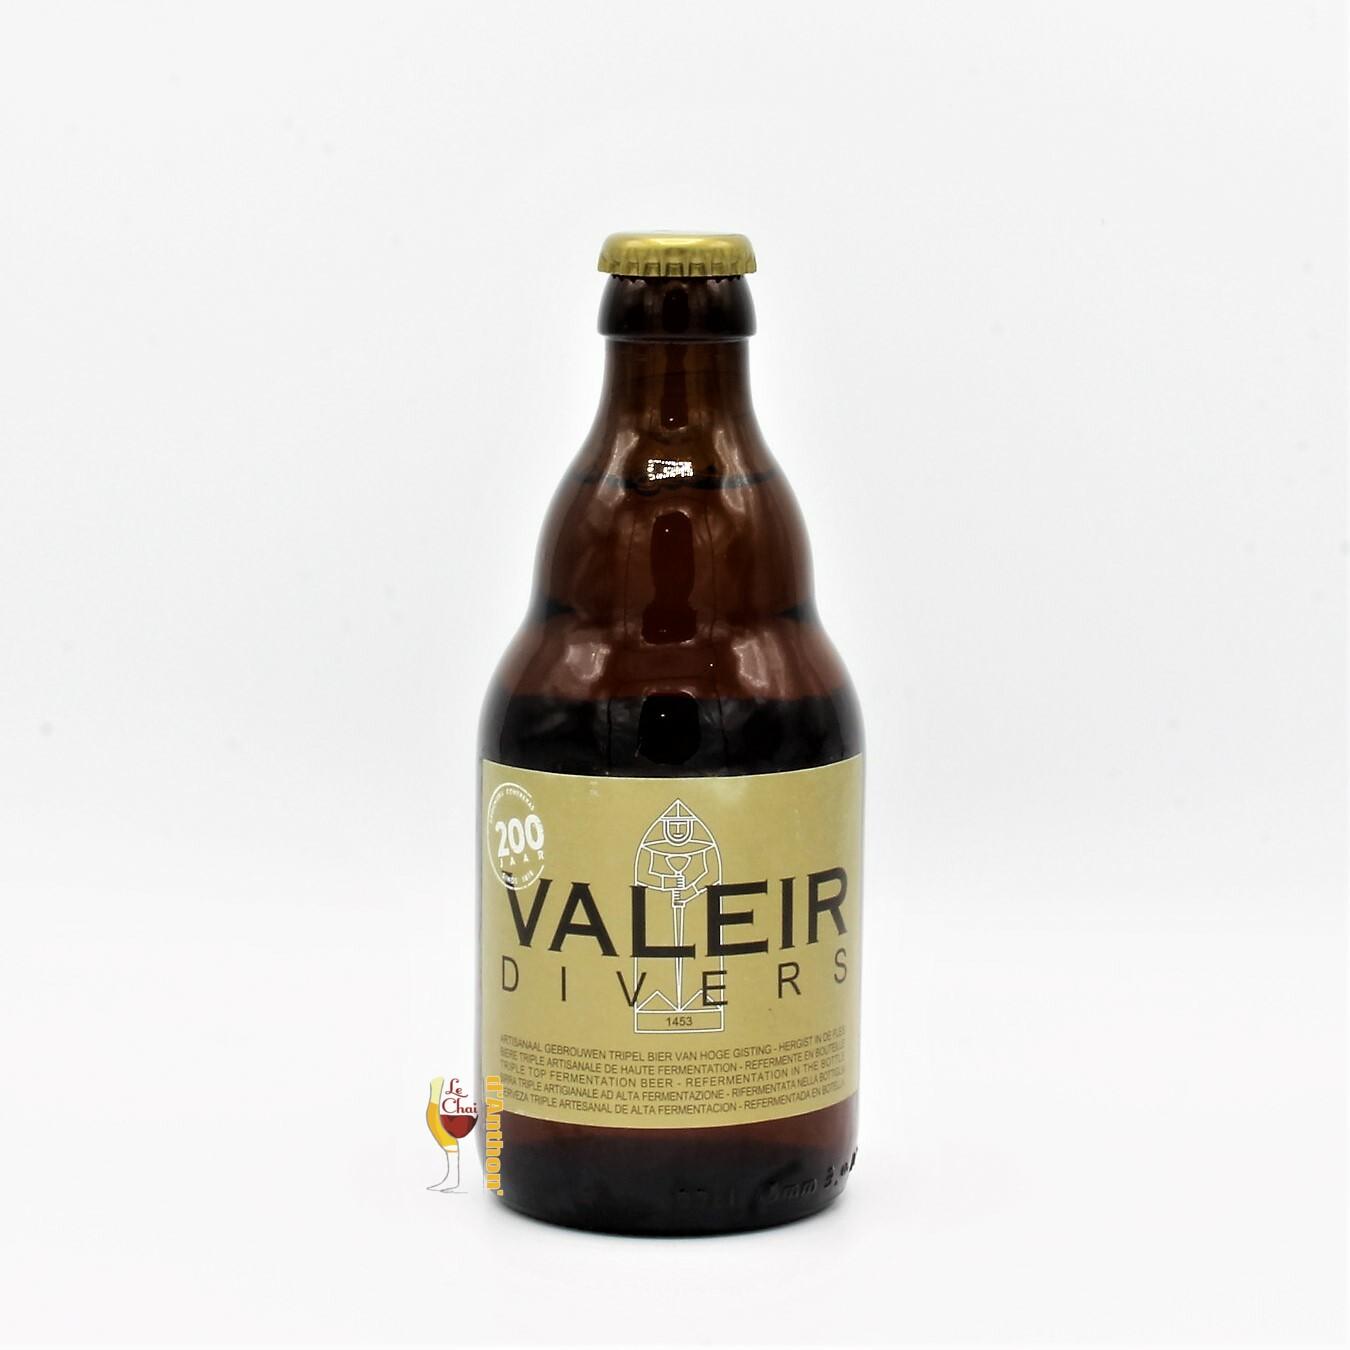 Biere Bouteille Blonde Brasserie Contreras Valeir Divers Belge 33cl